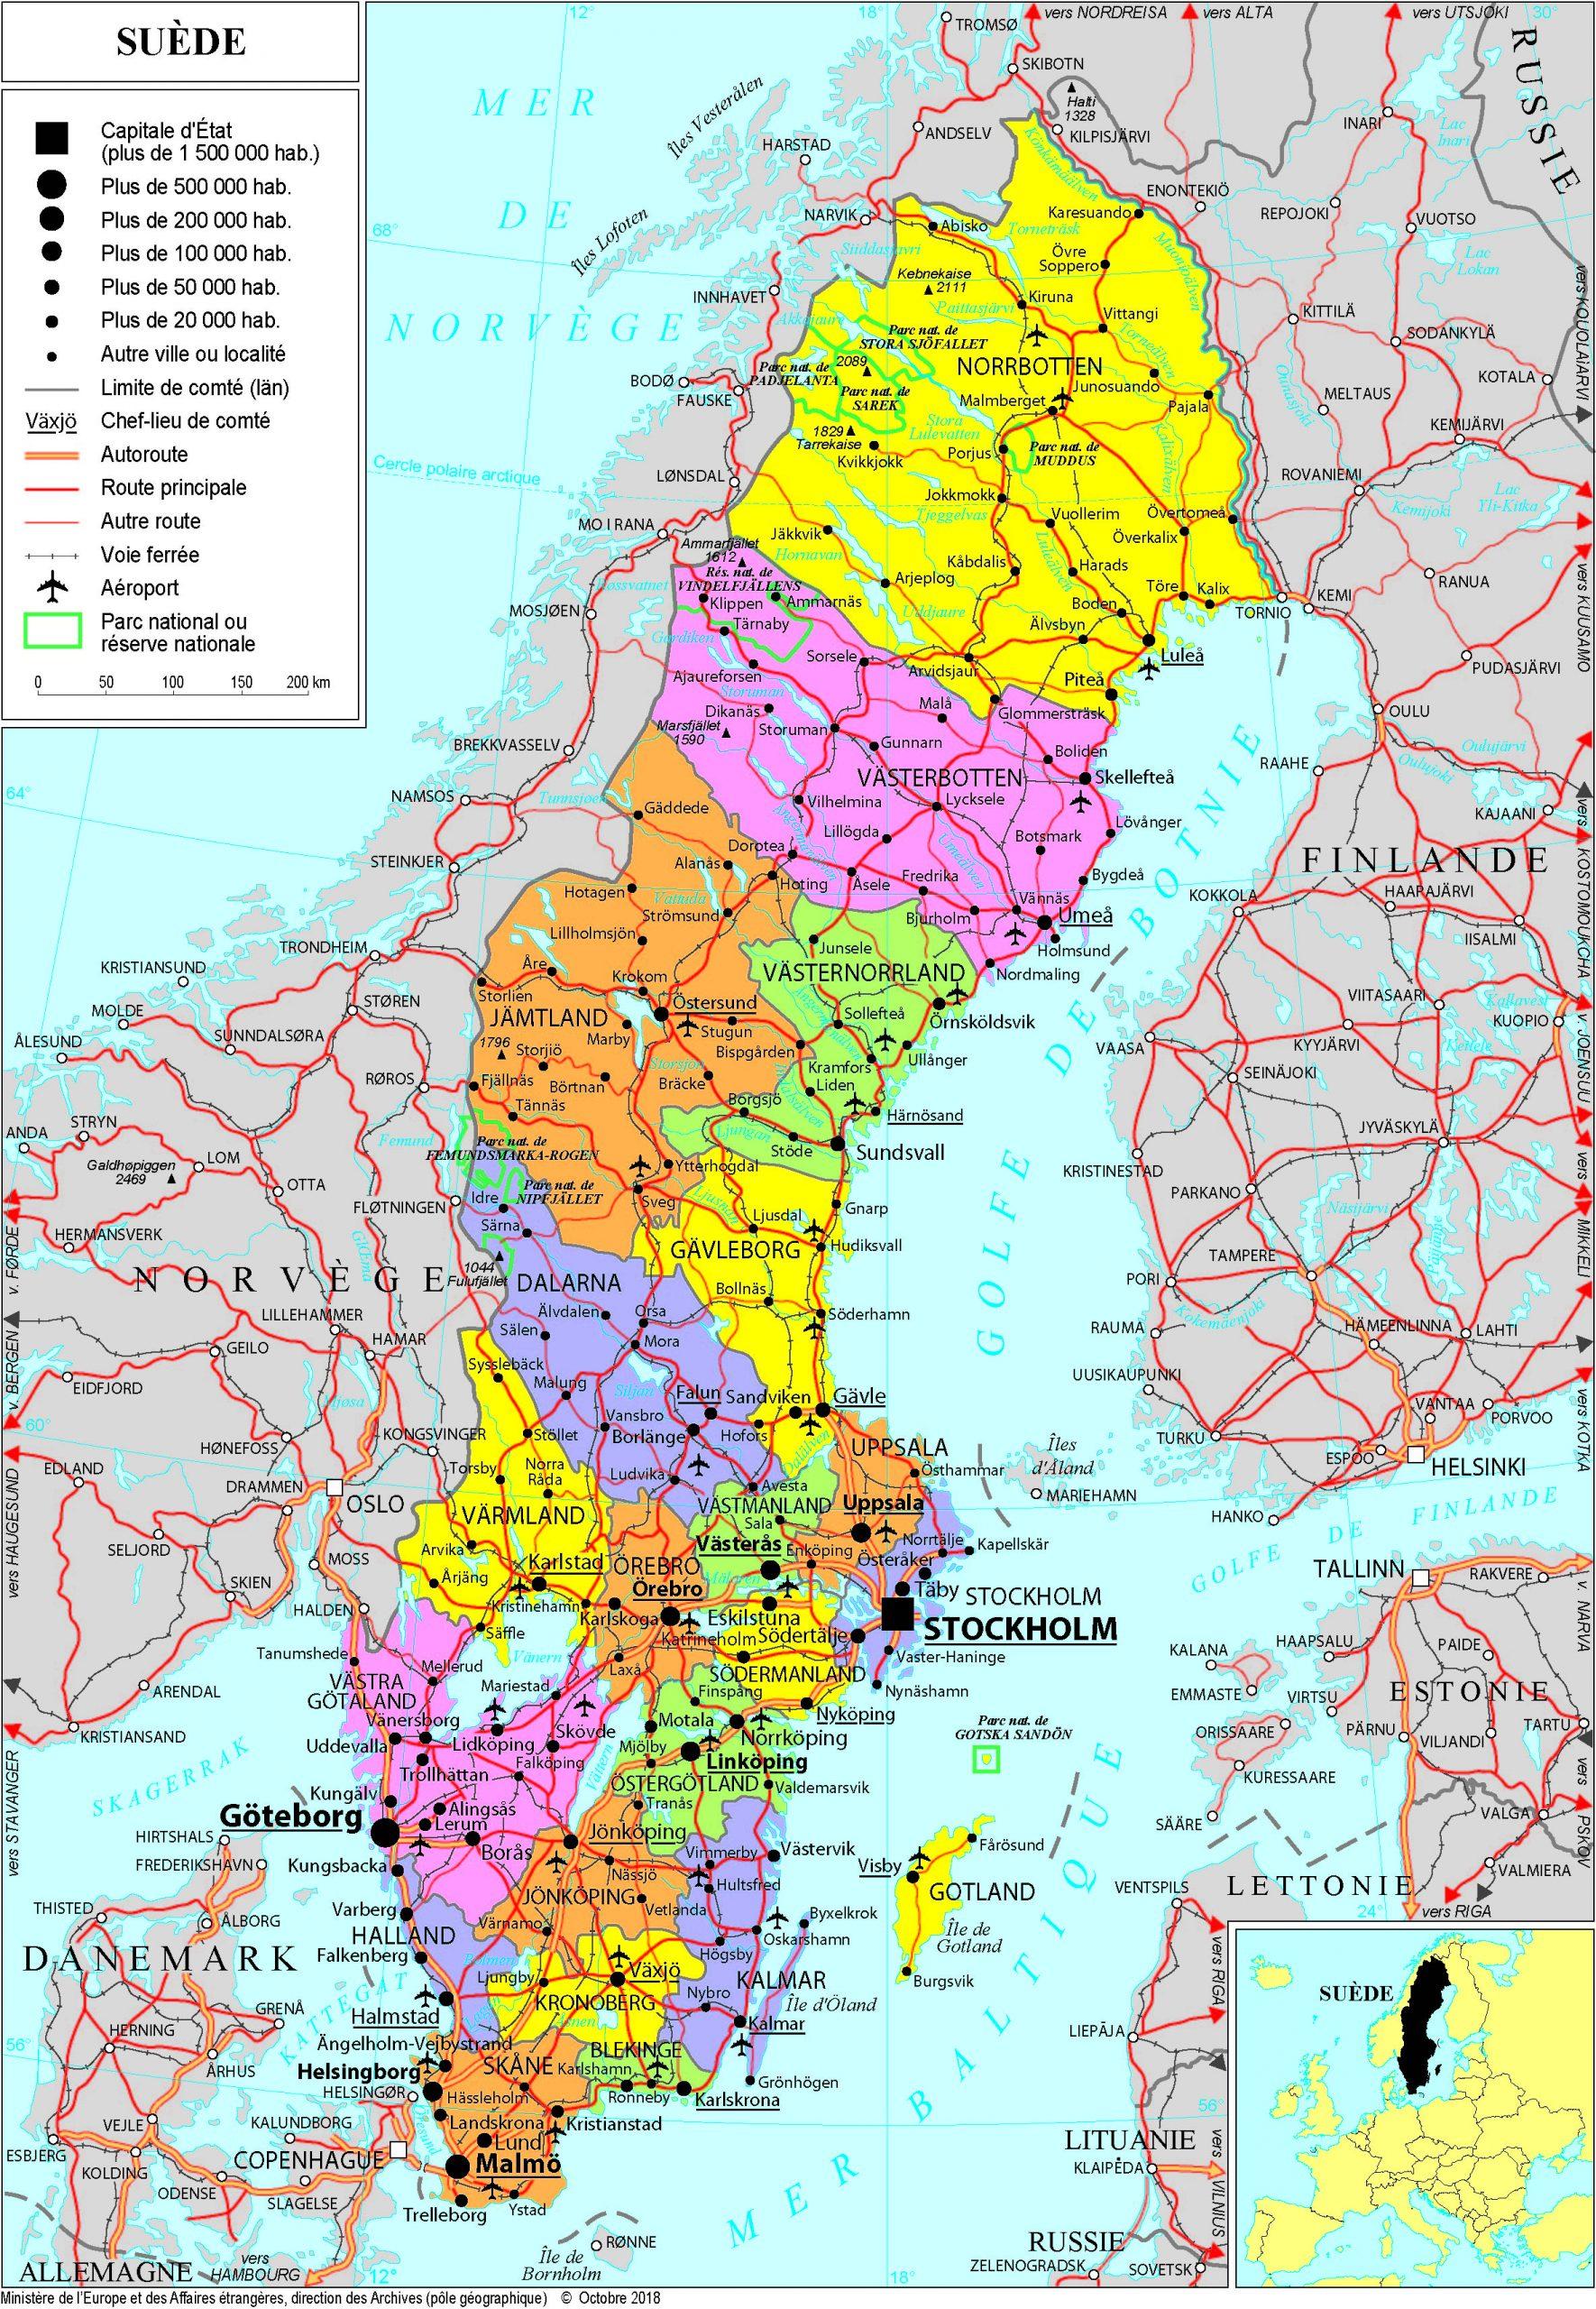 Présentation De La Suède - Ministère De L'europe Et Des concernant Carte D Europe À Imprimer